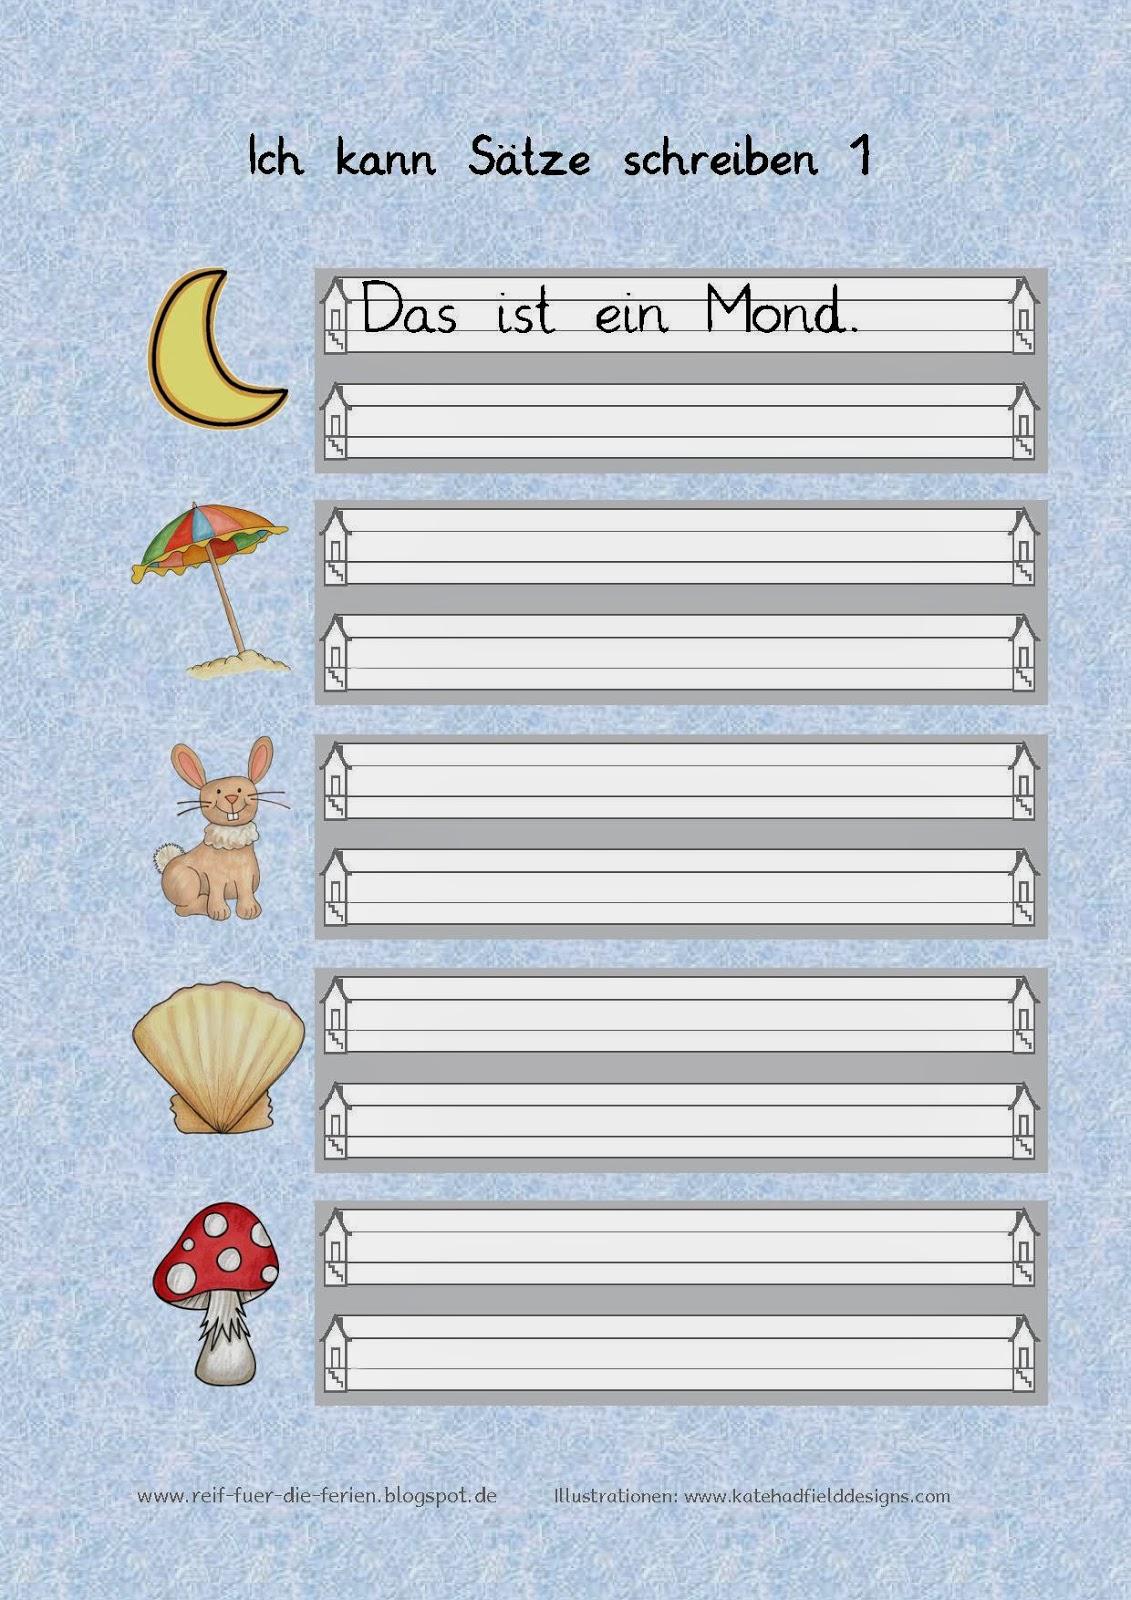 Reif für die Ferien: Ich kann Sätze schreiben - Arbeitsblatt 1-3